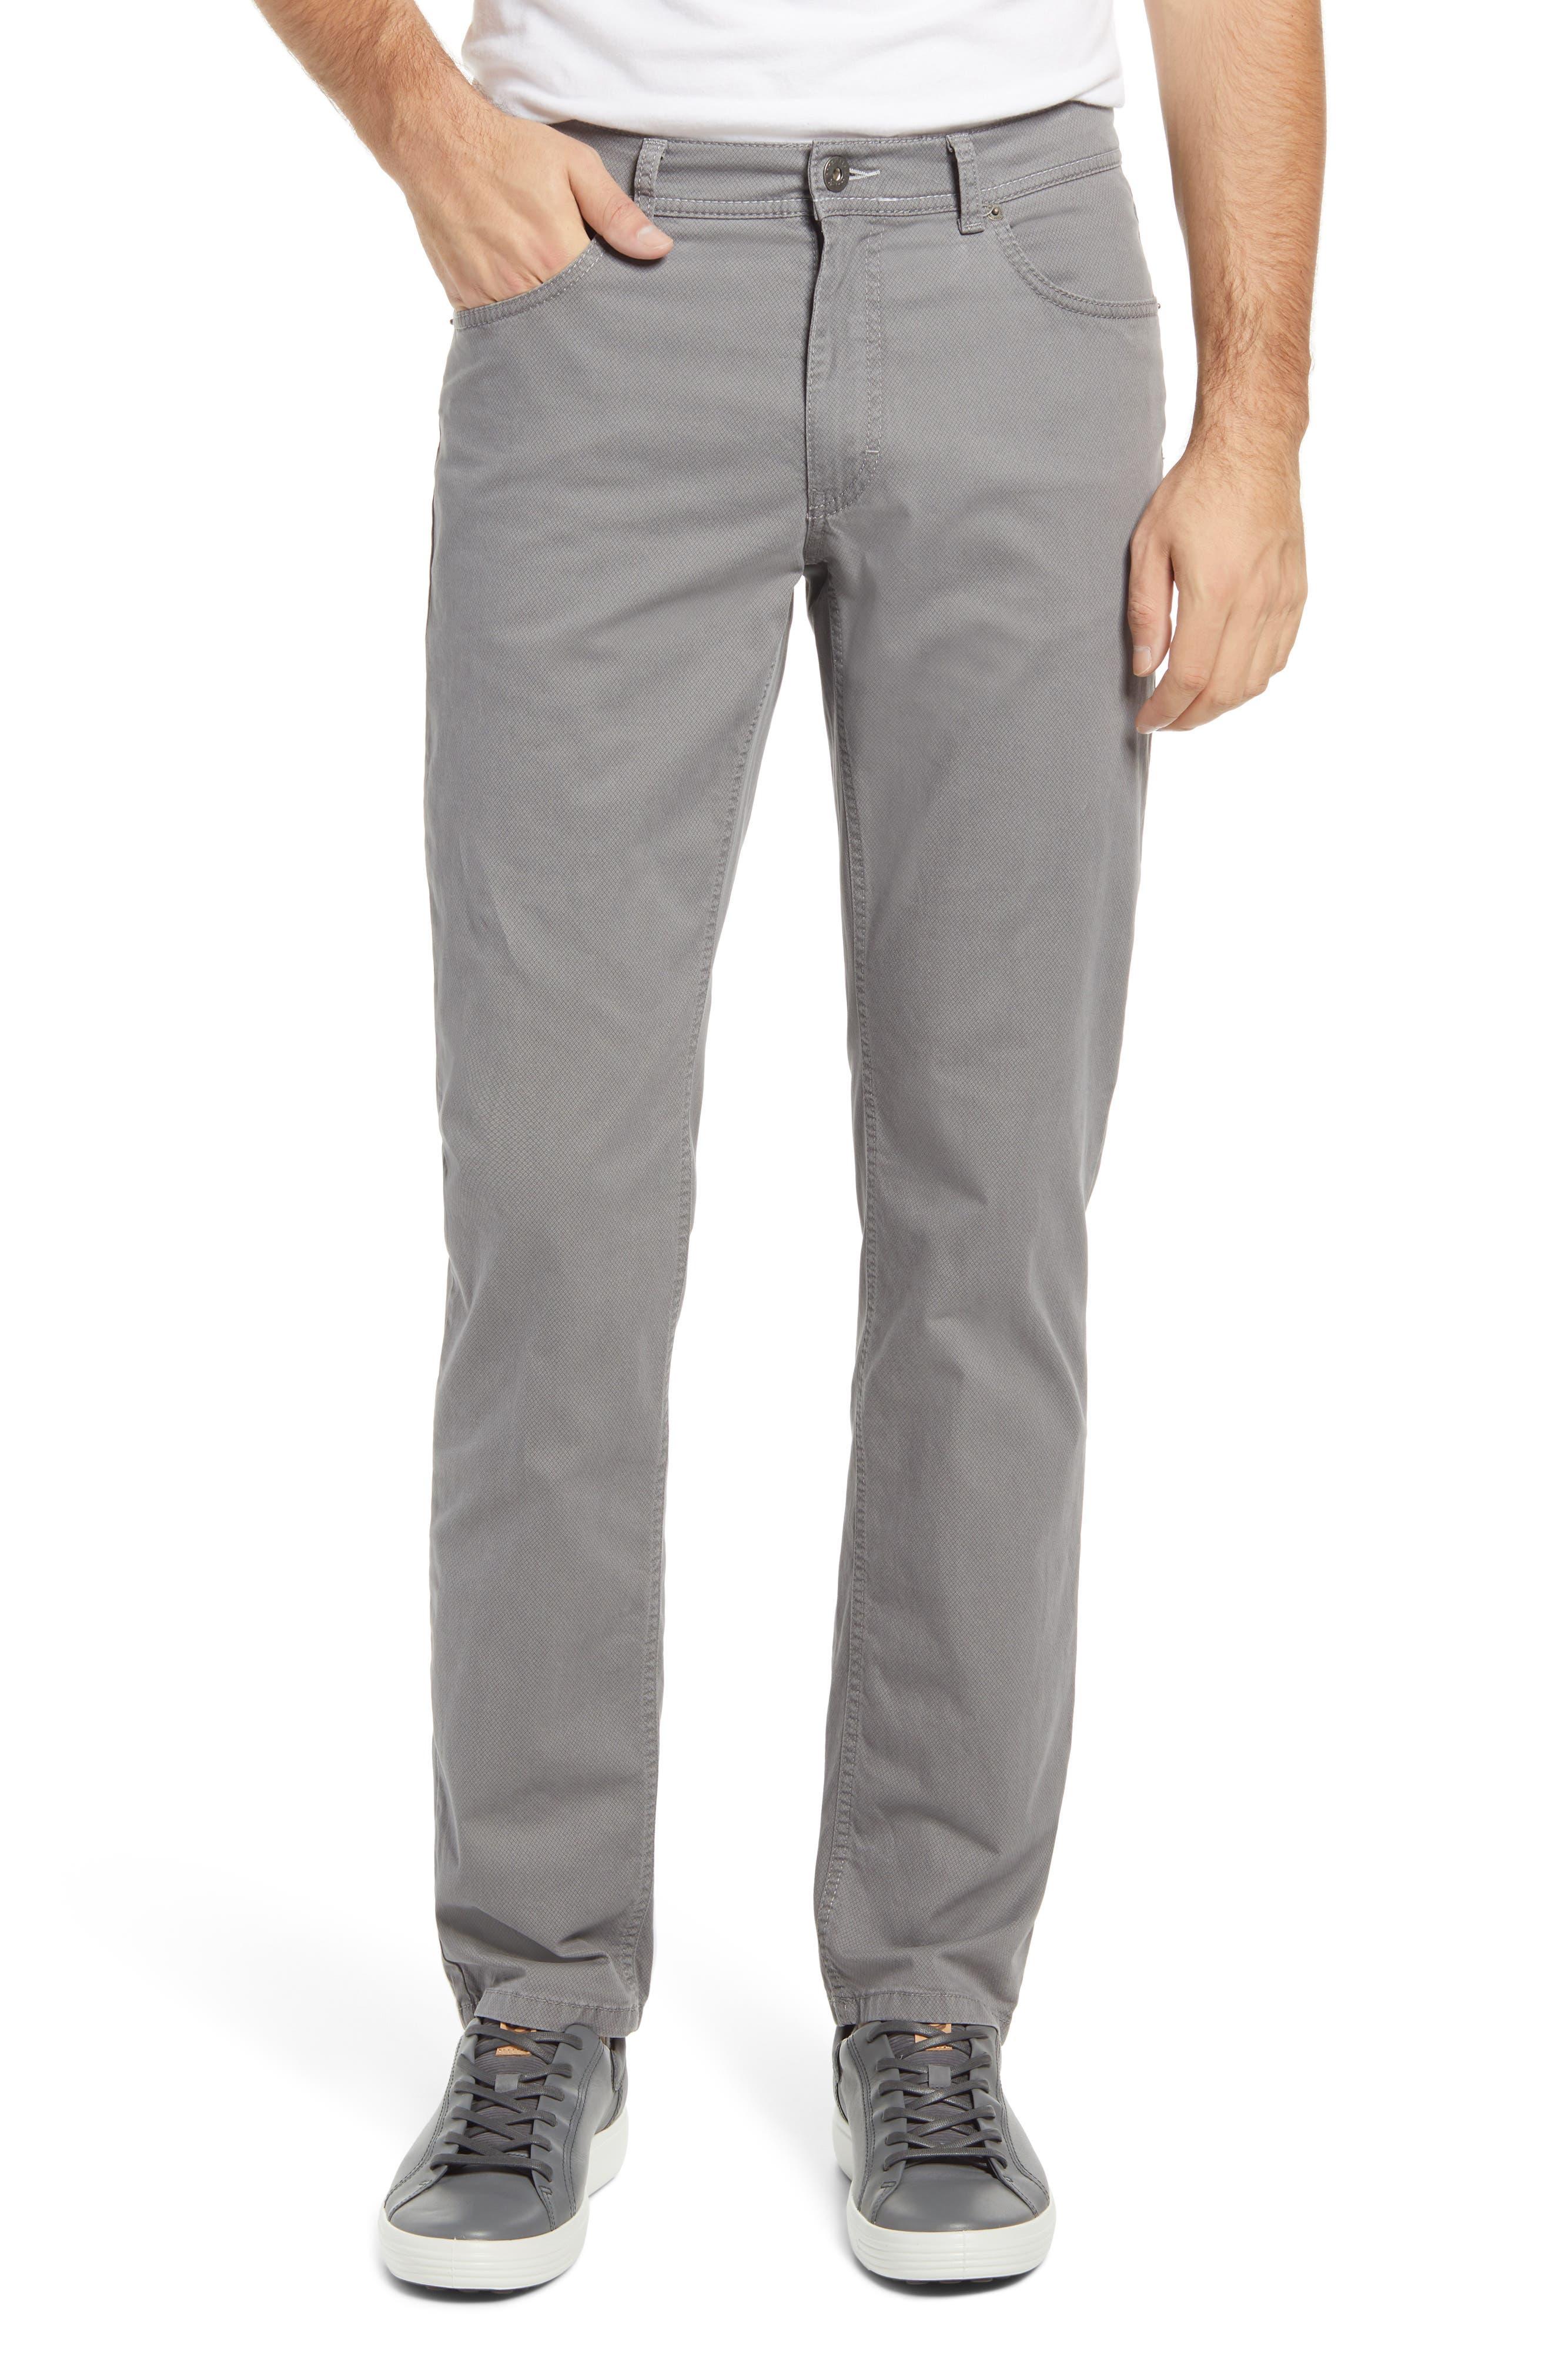 Nut Jeans Brax Luxury Men/'s Casual Pants BNWT Chuck